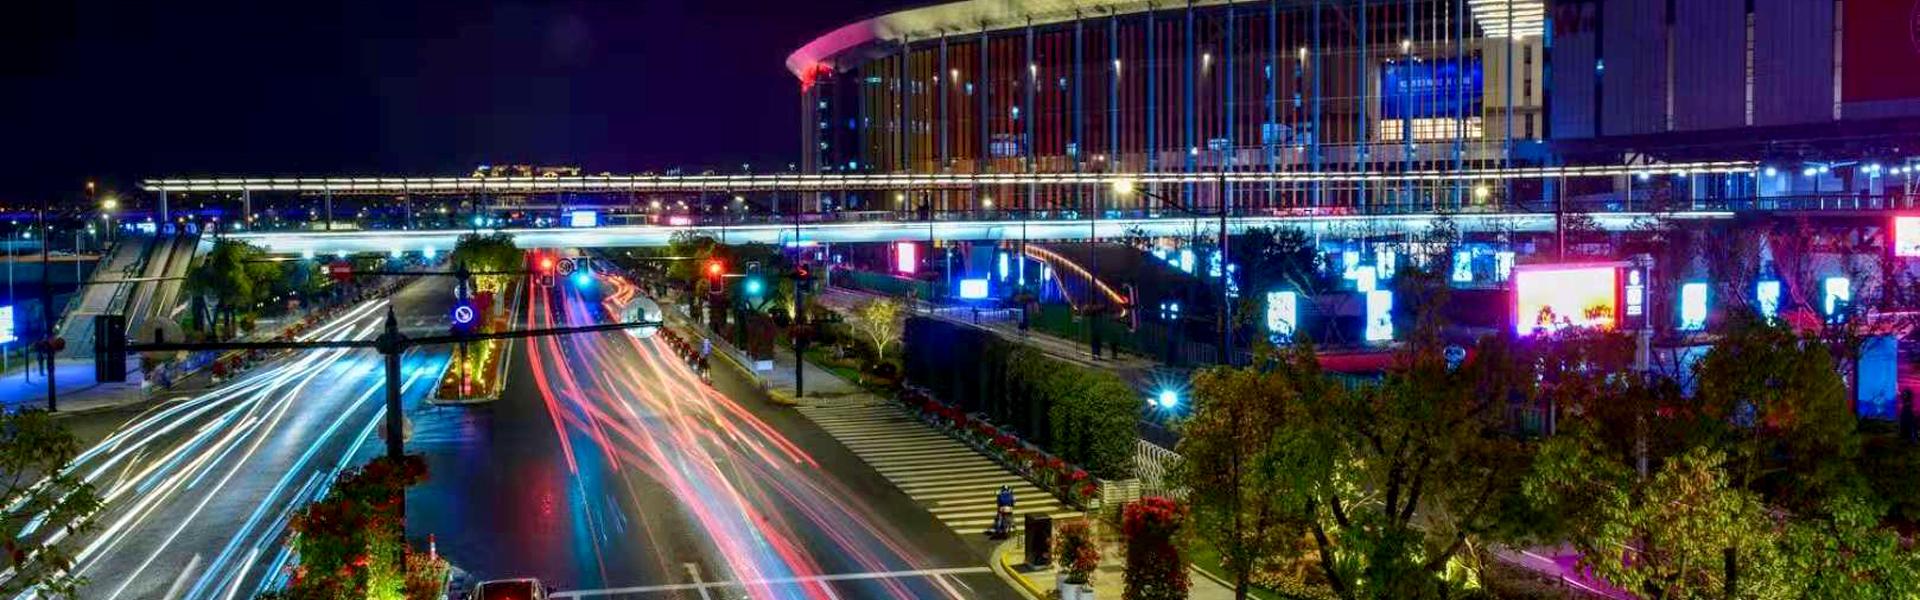 上海进博会综合信号杆项目